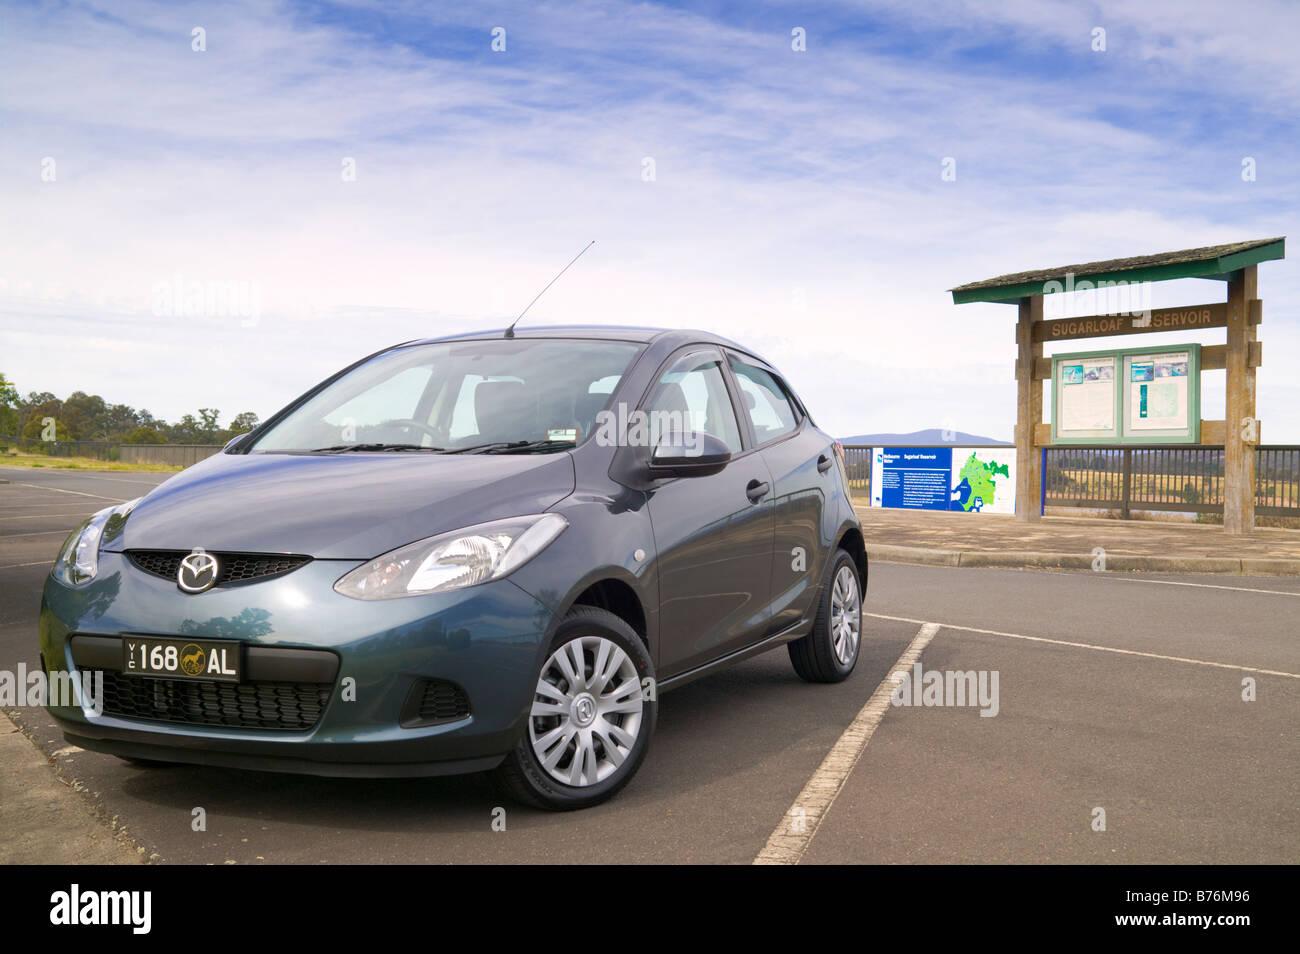 Mazda 2 parked in a lot at Sugarloaf Reservoir Park, Melbourne, Australia. - Stock Image